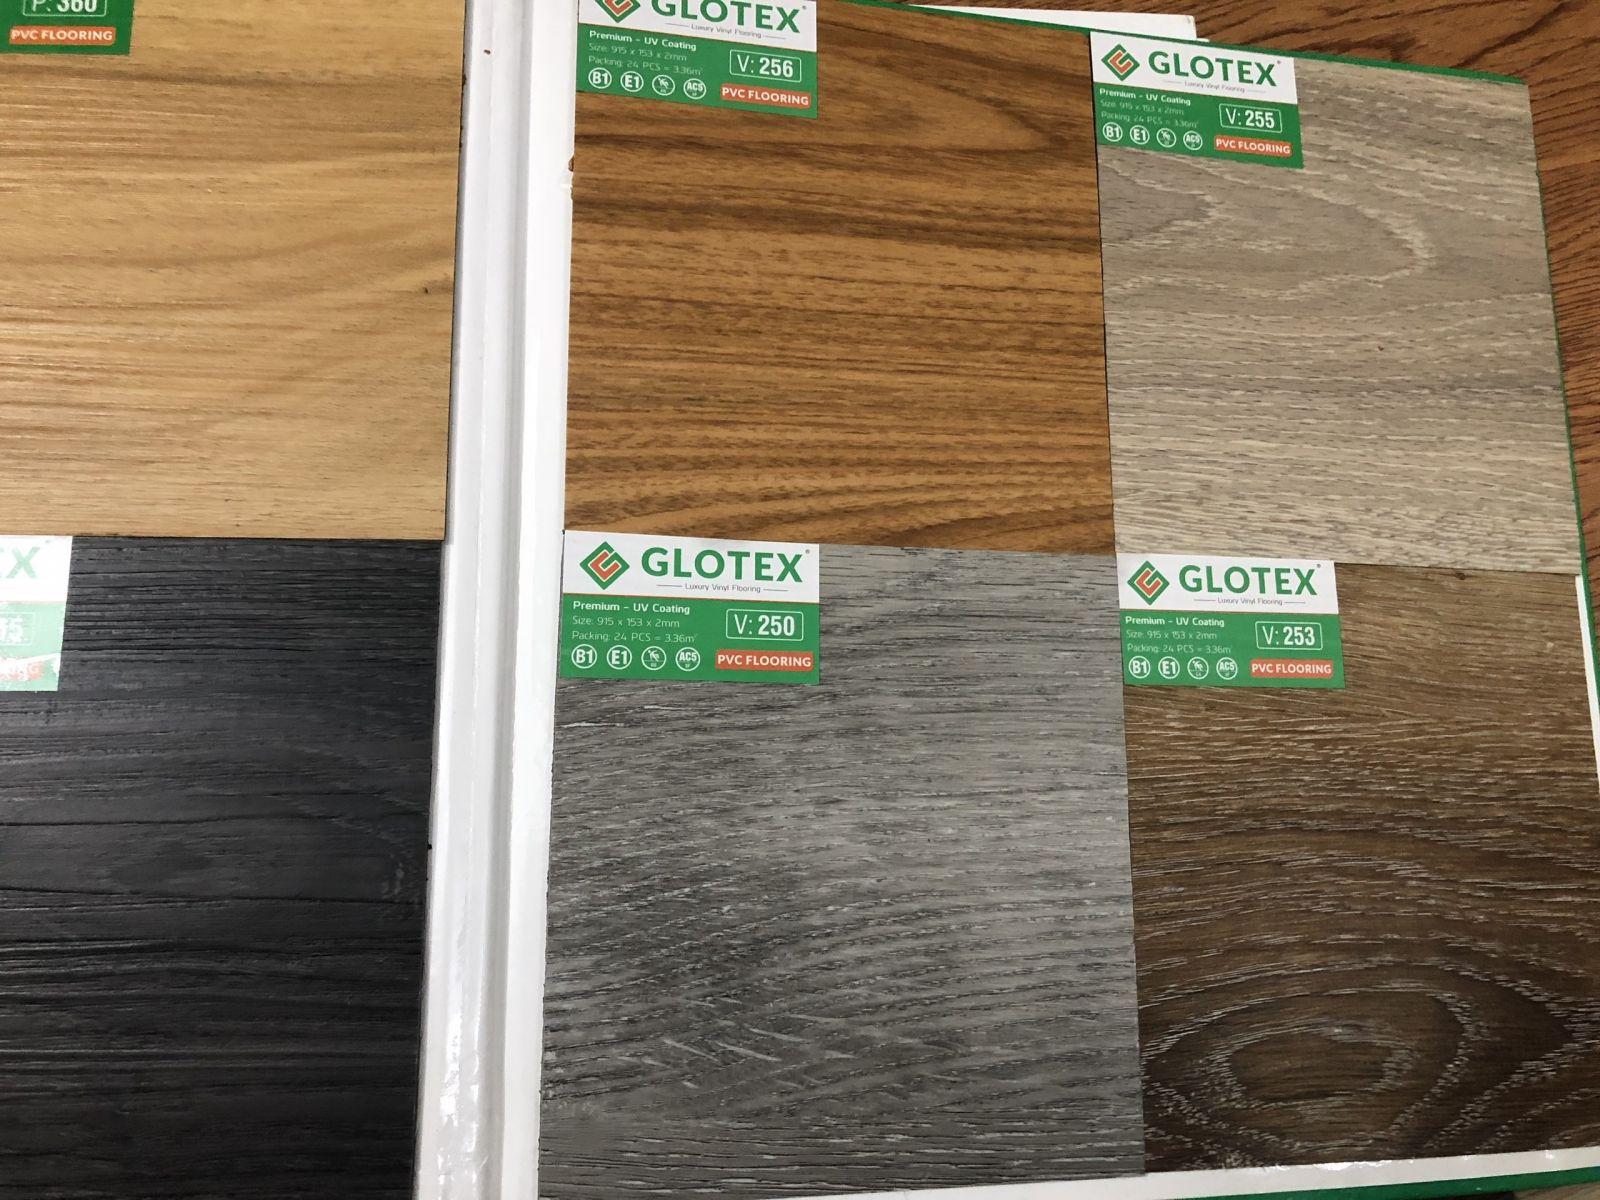 sàn vinyl giả gỗ glotex